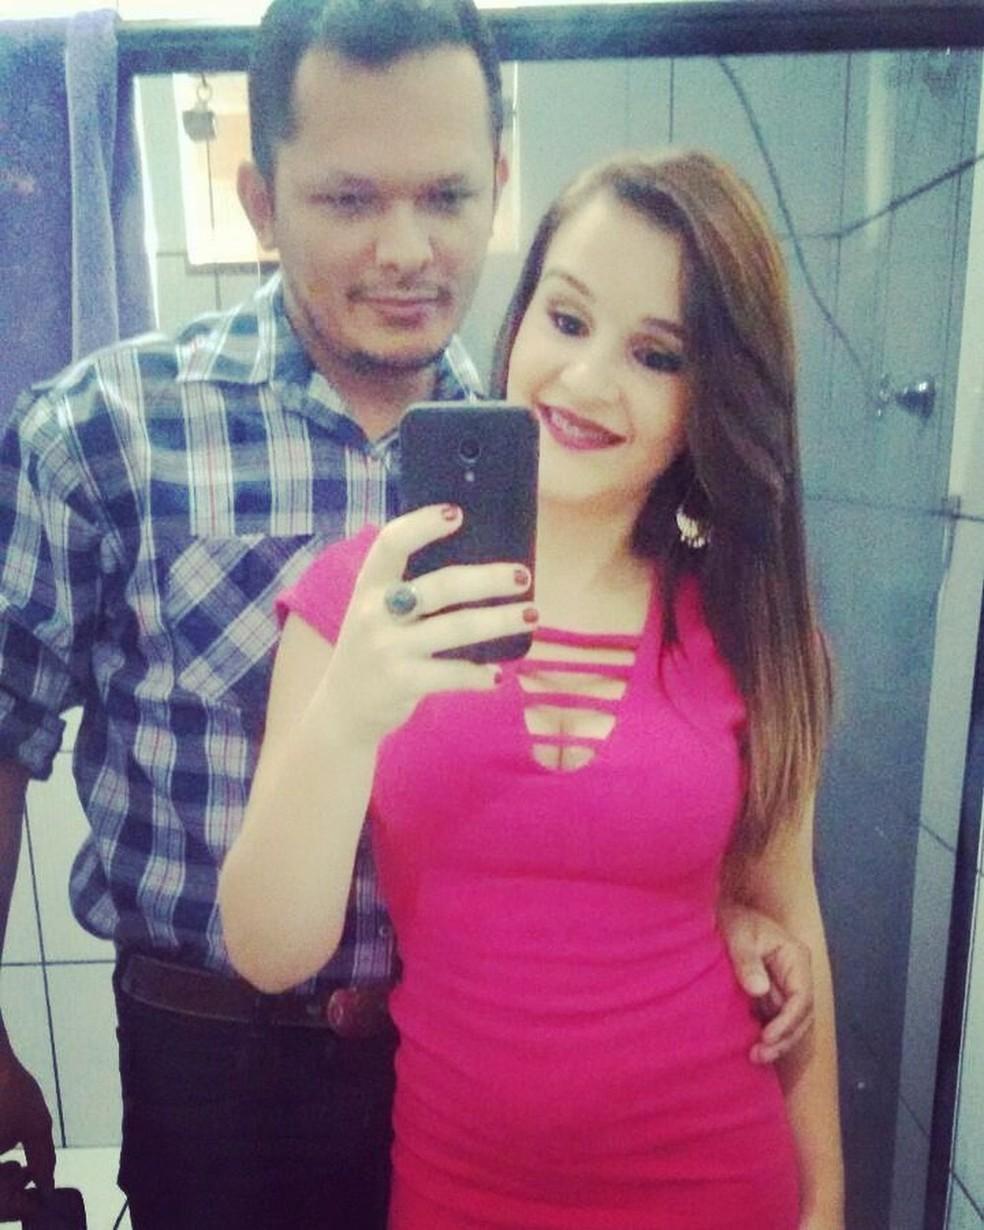 Ismael teria matado Jéssica Moreira Hernandes, de 17 anos, por causa de ciúmes.  (Foto: Facebook/ Reprodução)